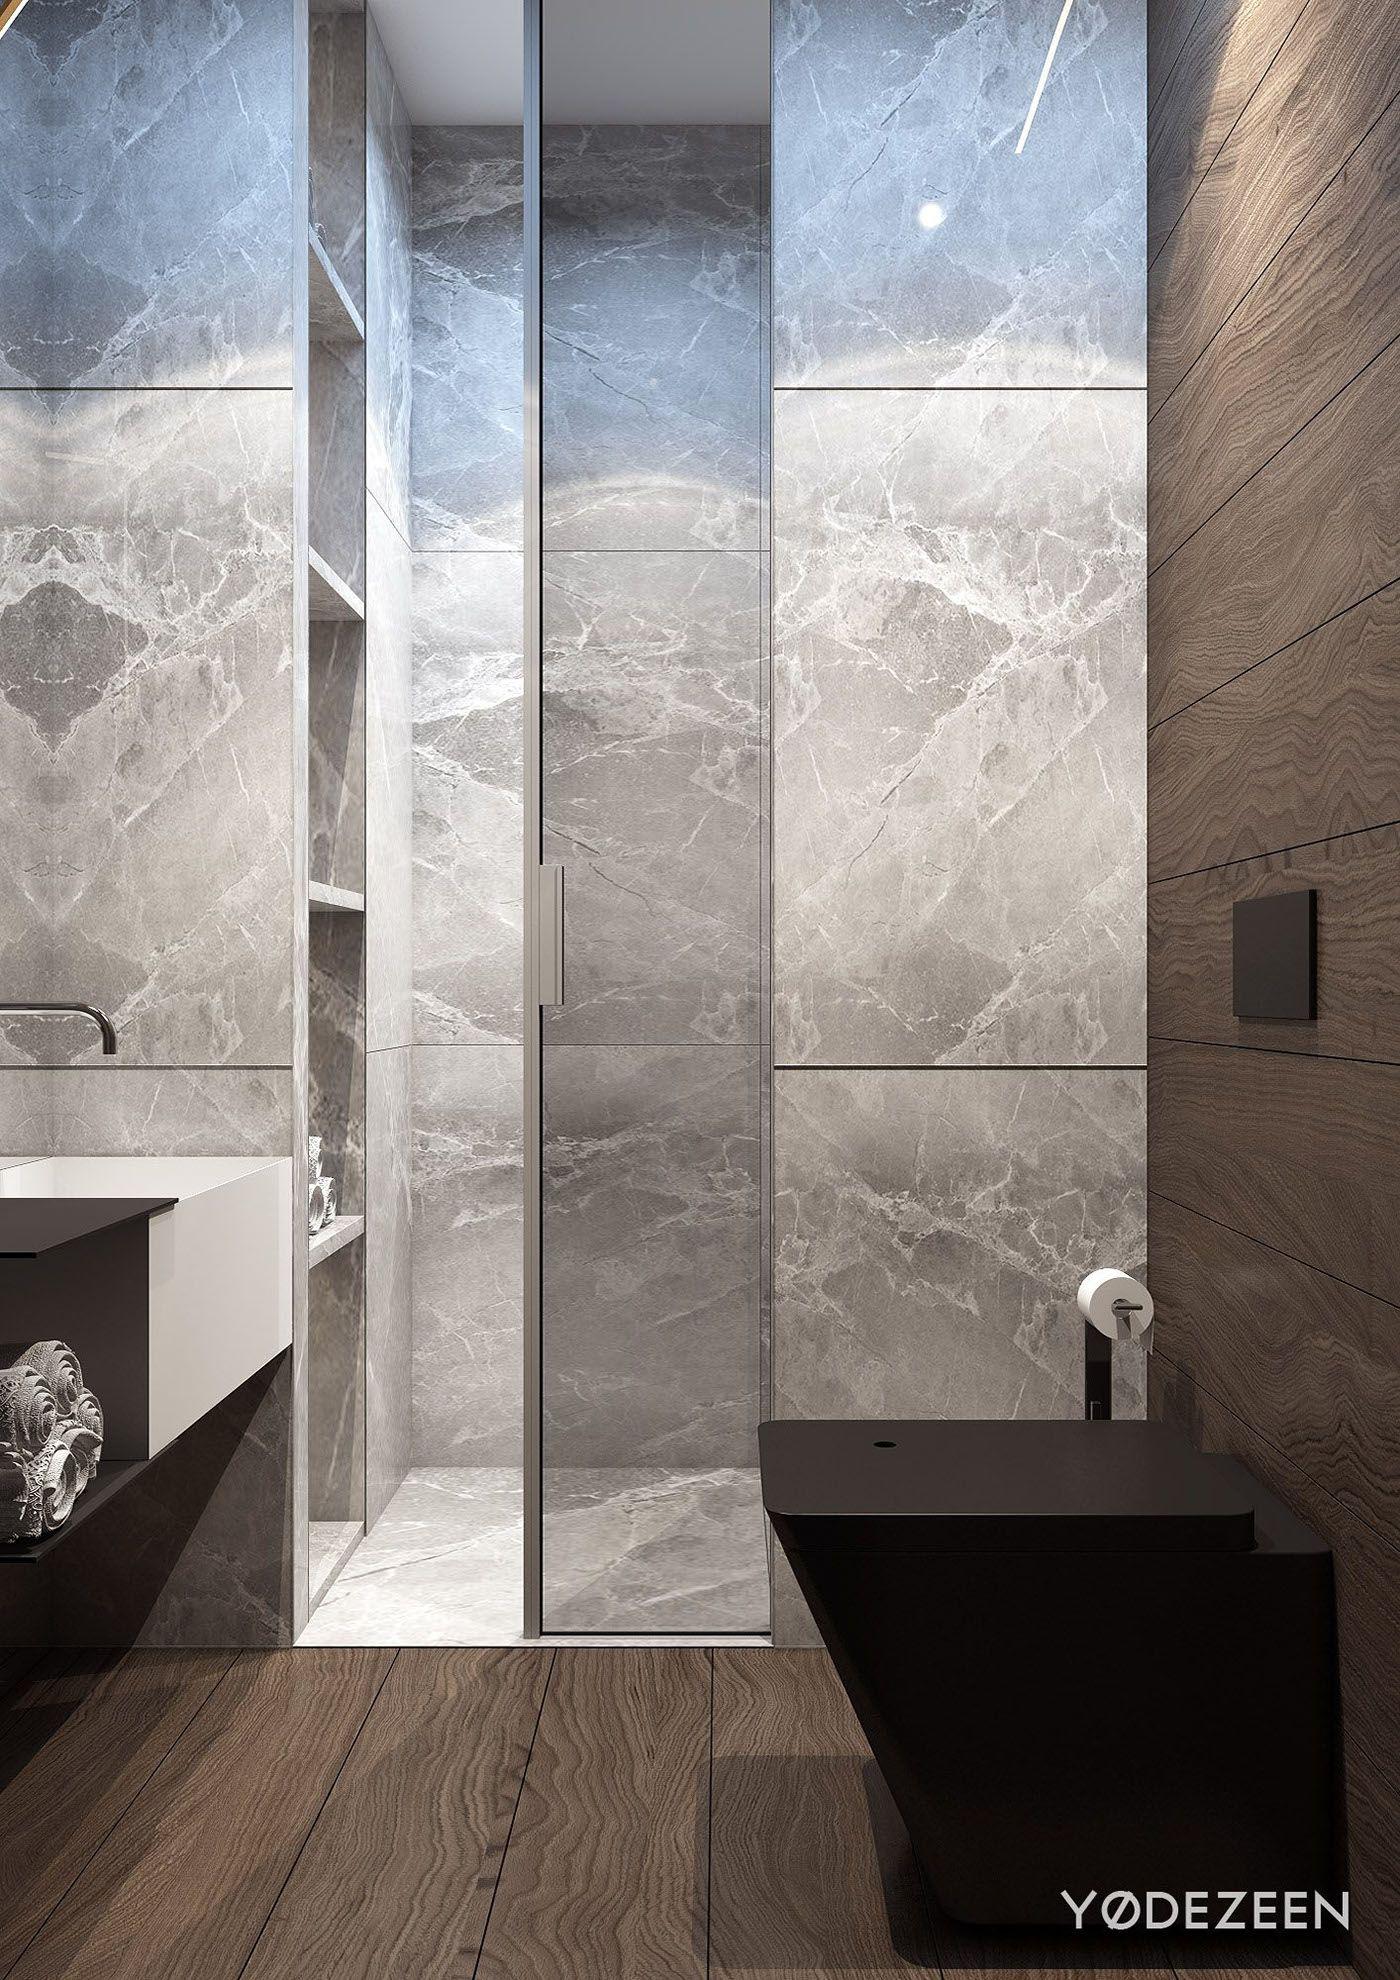 Badezimmer design hd-bilder stylish family apartment on behance  Μπάνιο  pinterest  behance